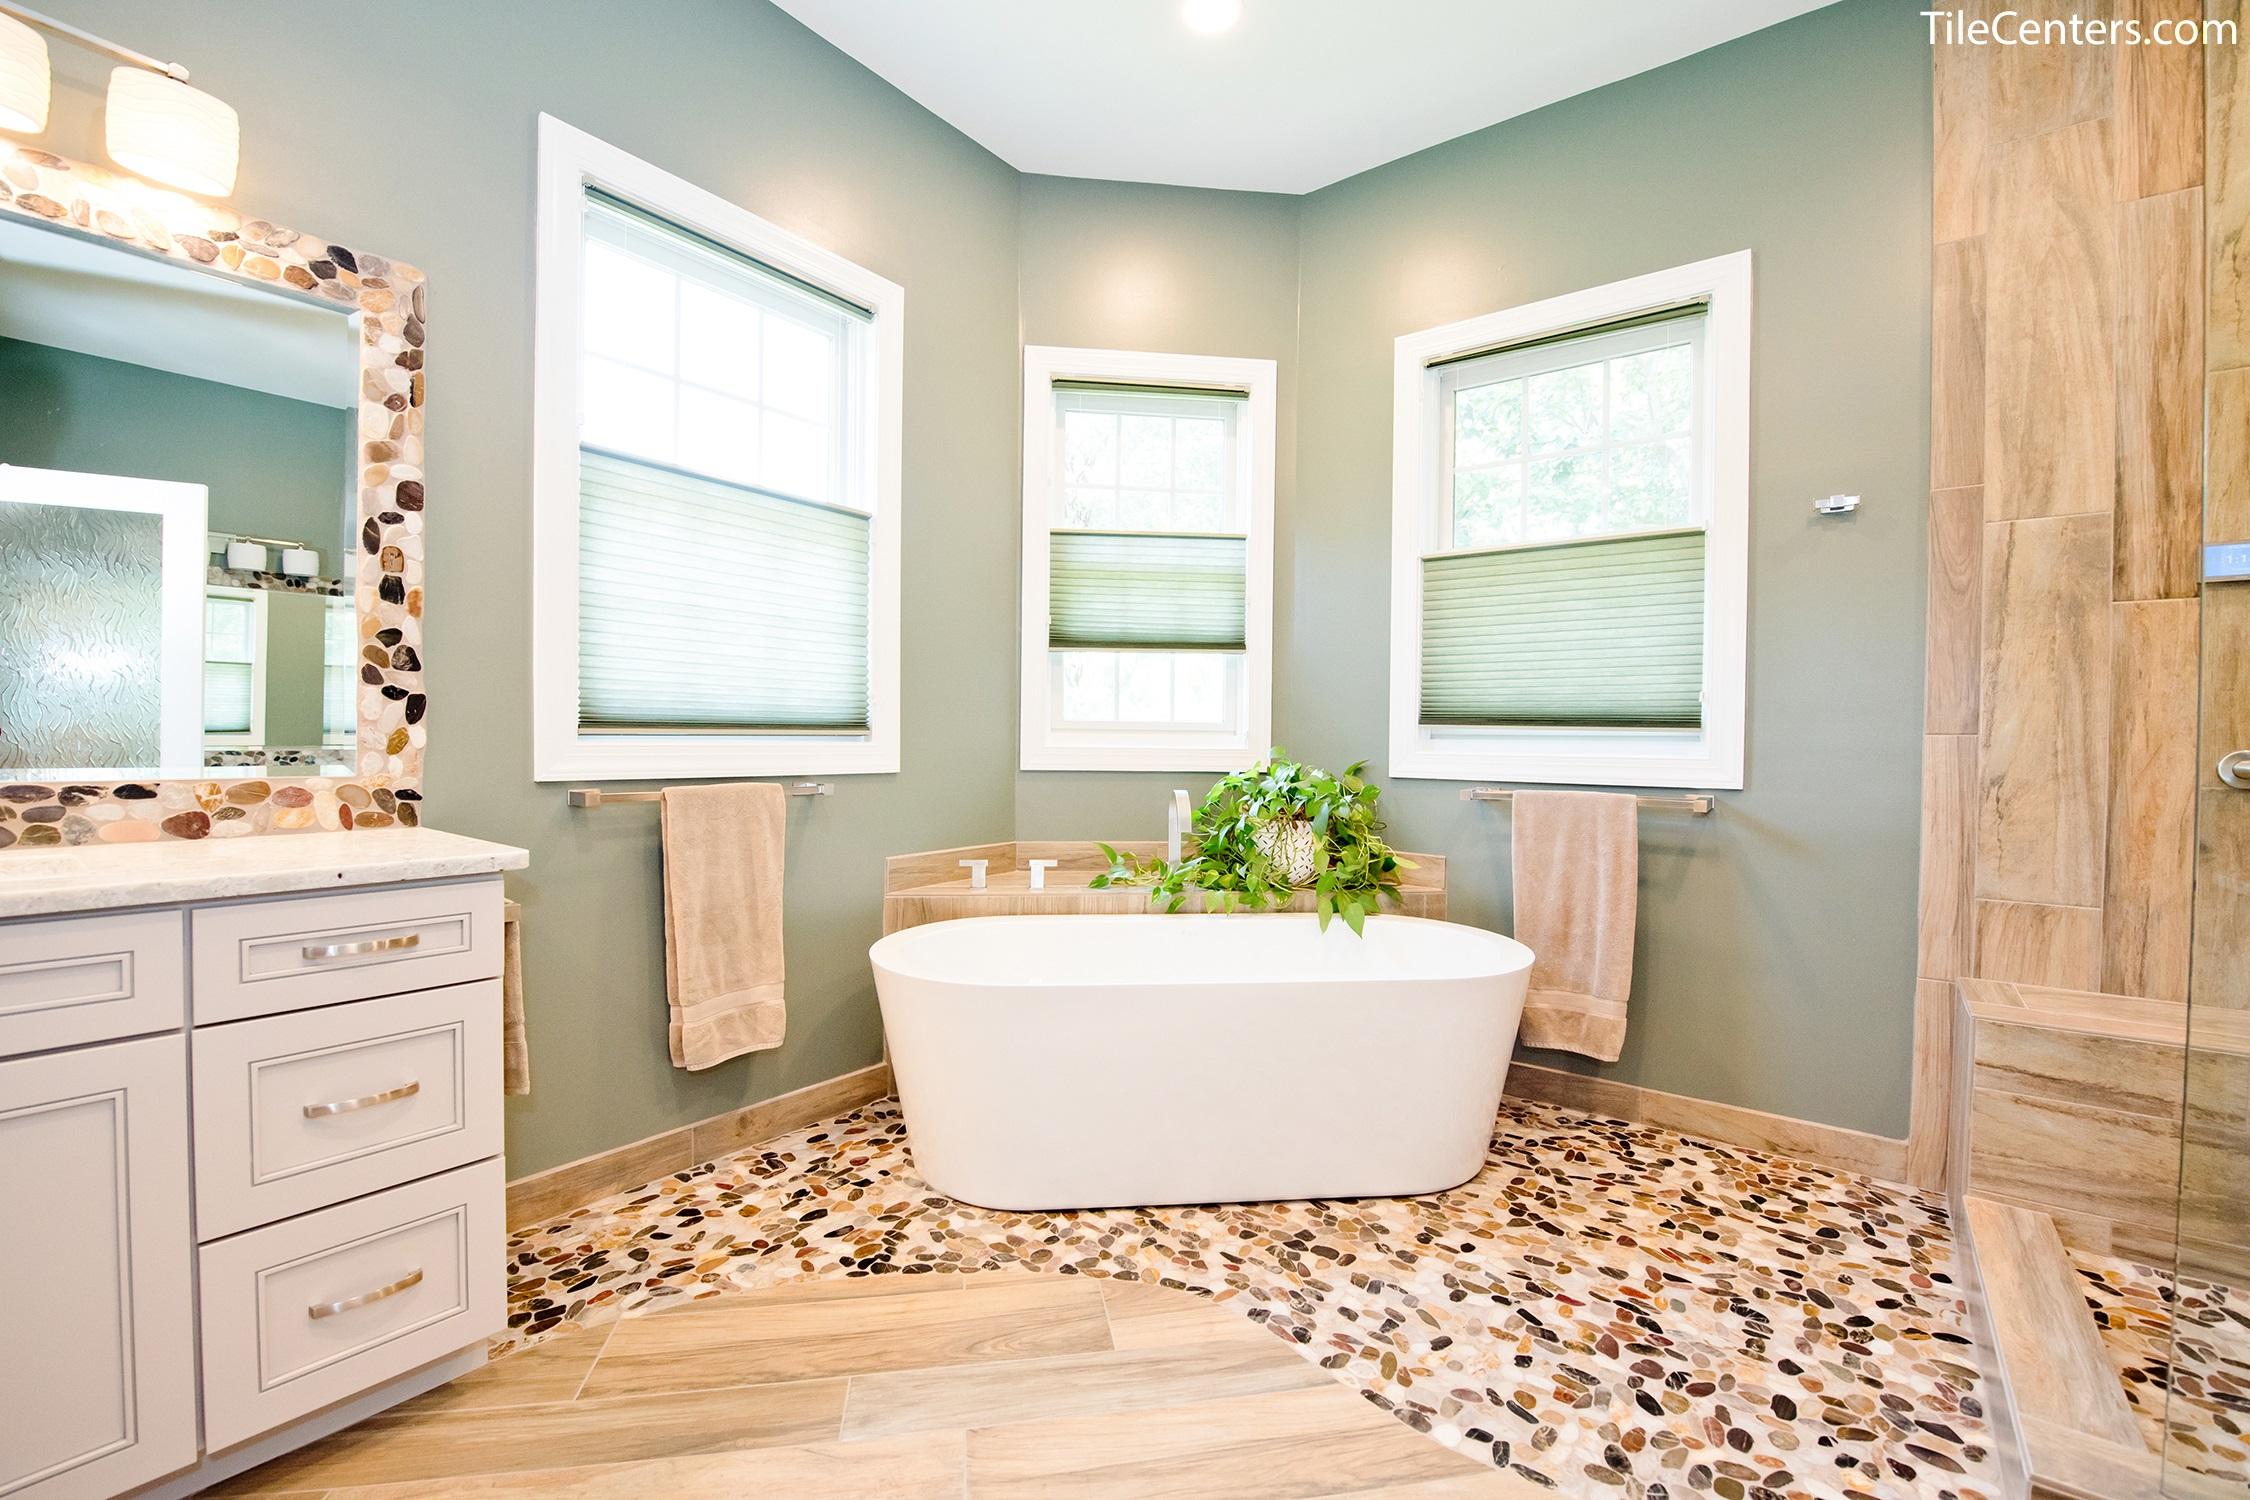 Natural Master Bathroom Remodel - Gallery & Design Ideas on Master Bathroom Remodel Ideas  id=94415